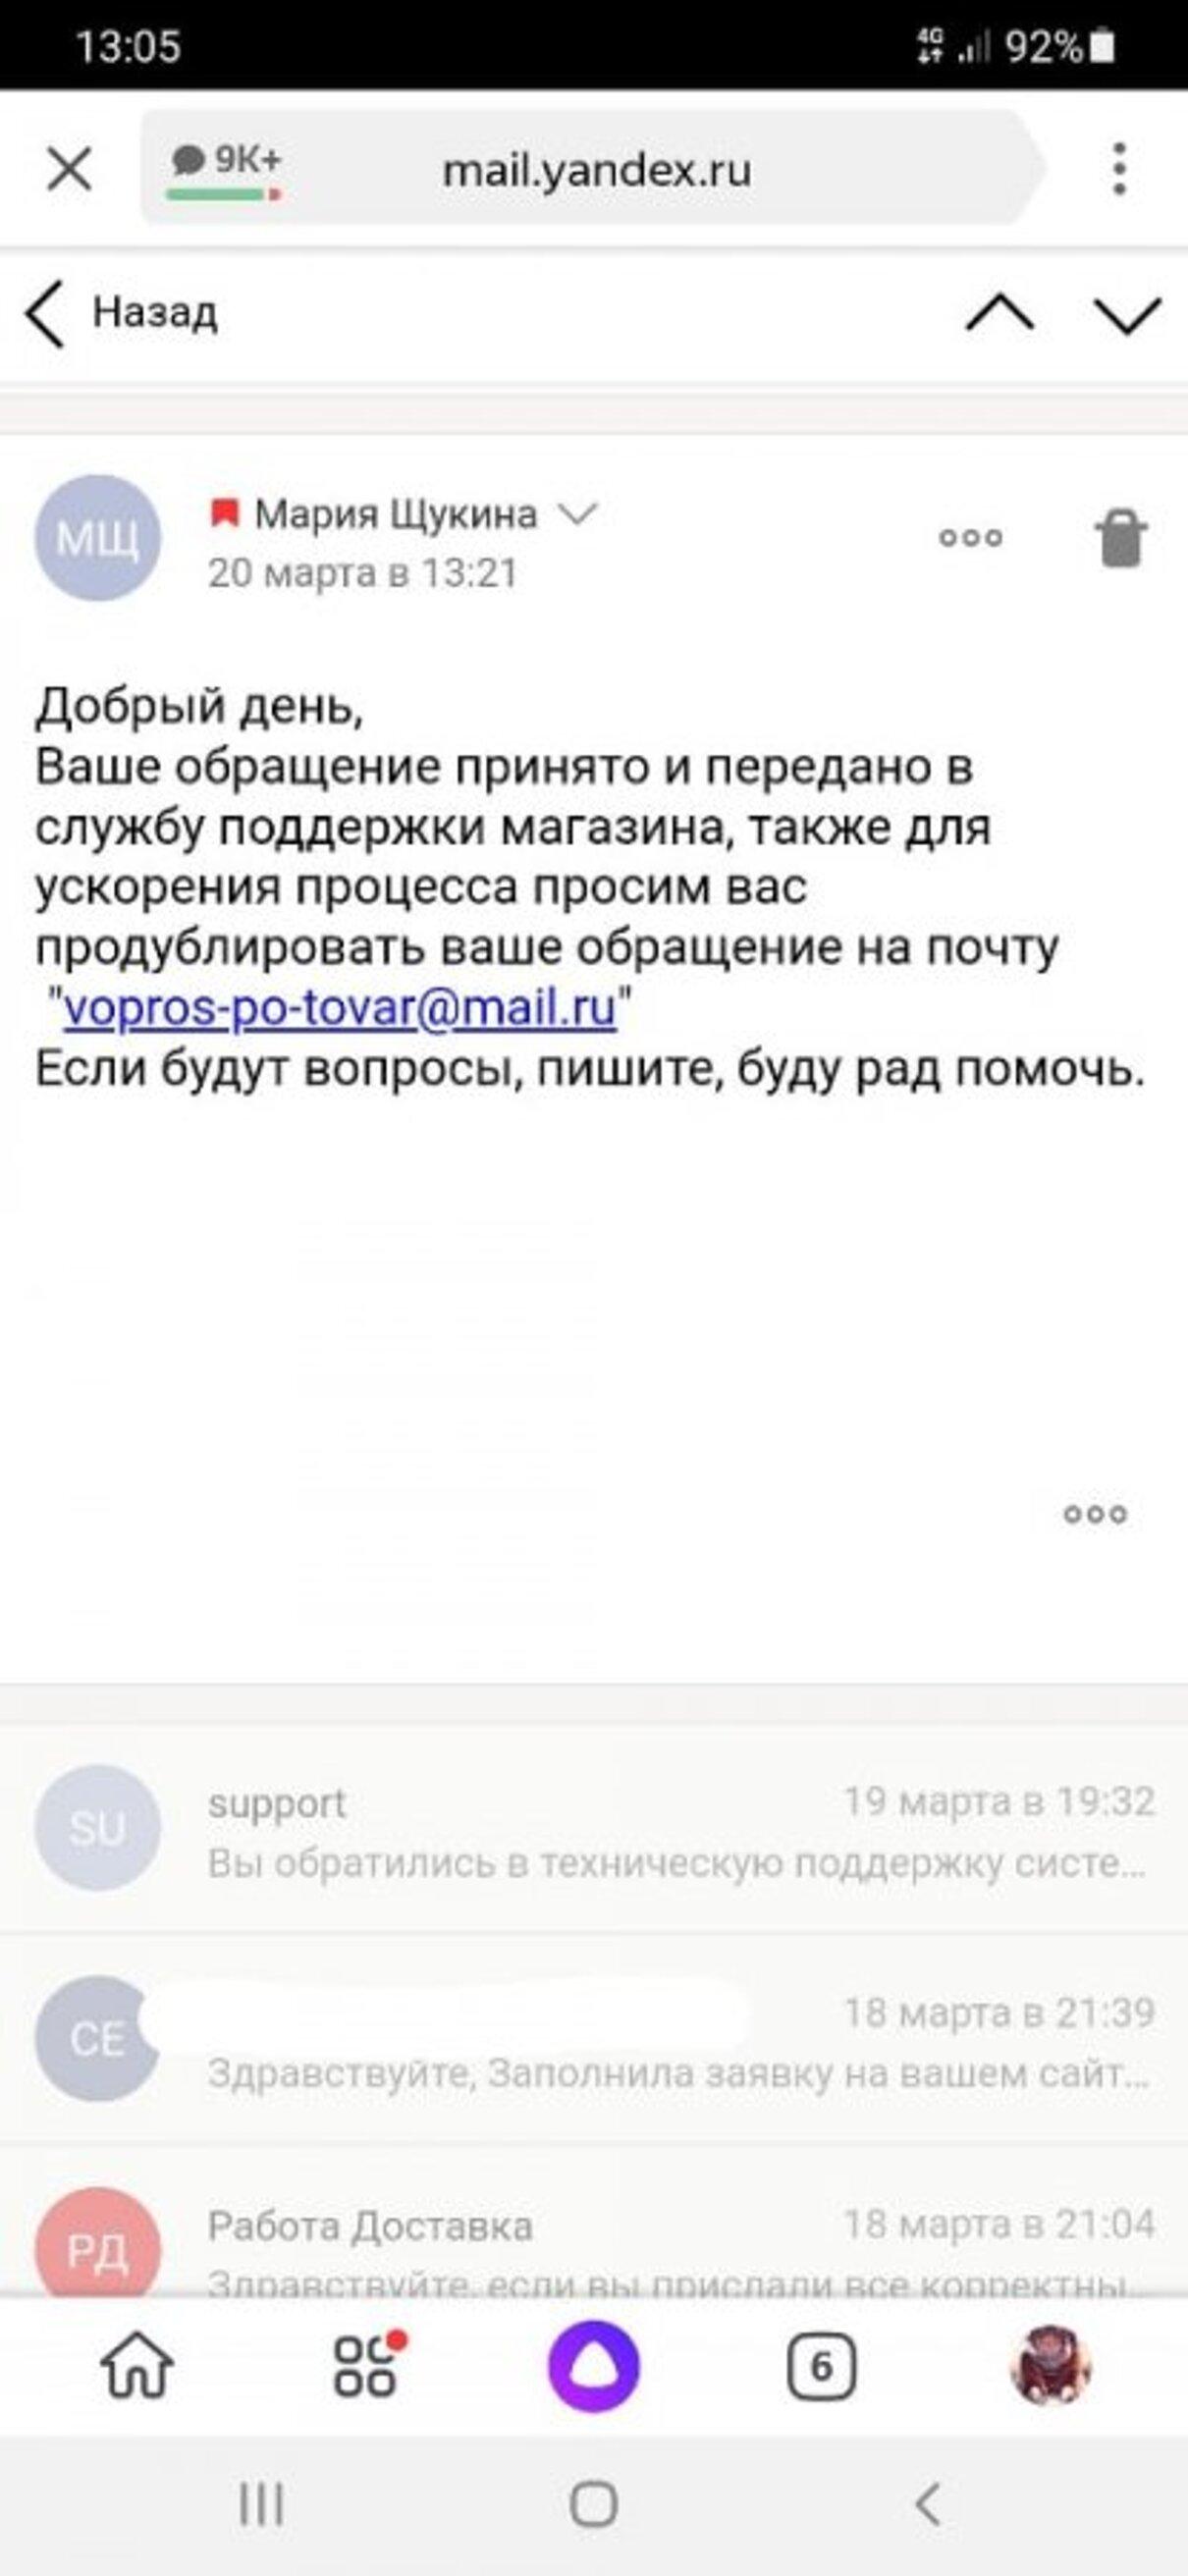 Жалоба-отзыв: Магазин стильной одежды, dogson.ru - Обман, развод, мошенничество.  Фото №4